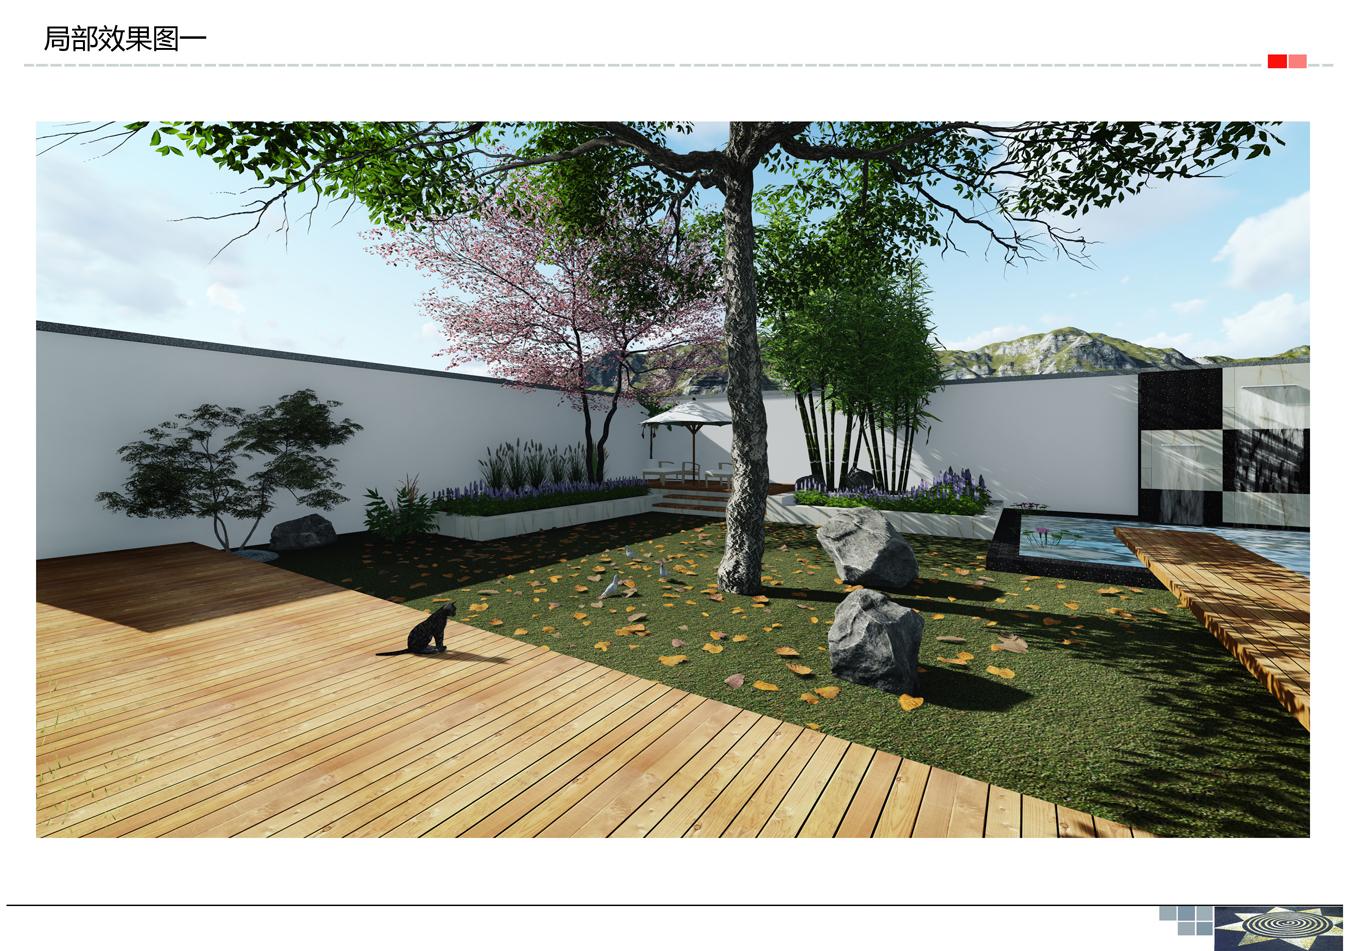 錢總后花園設計方案,別墅私家花園設計,屋頂花園設計,陽臺花園設計,筑